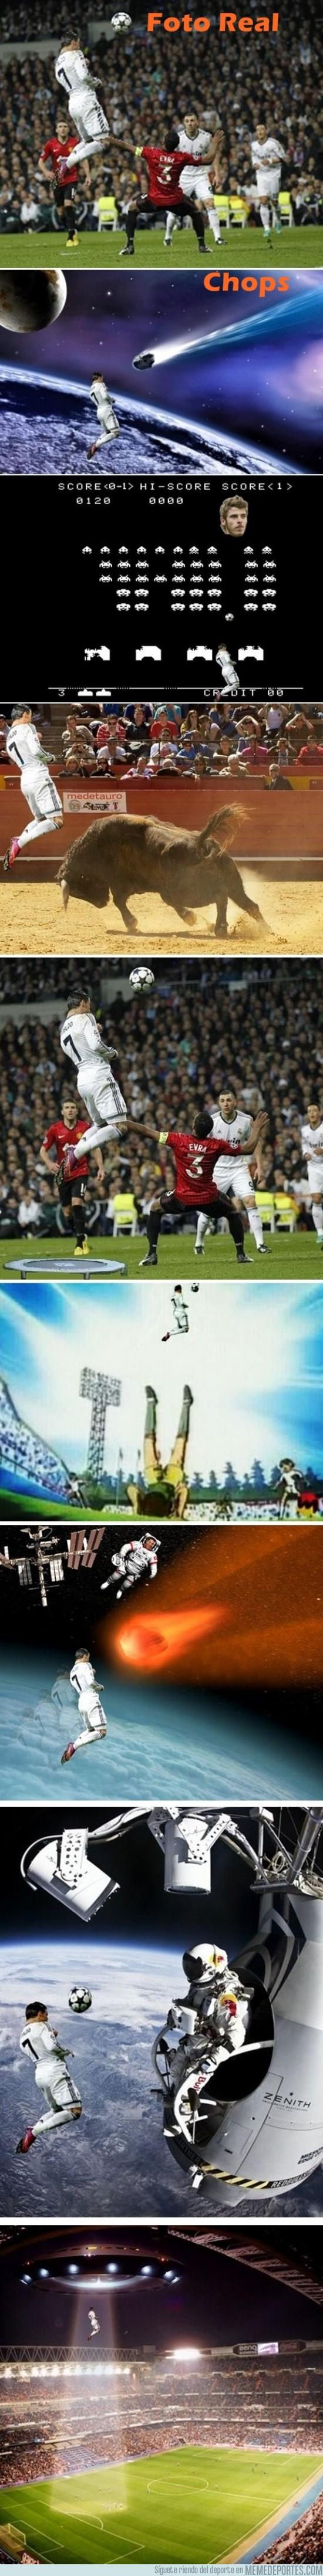 84836 - Cristiano Ronaldo y su espectacular salto